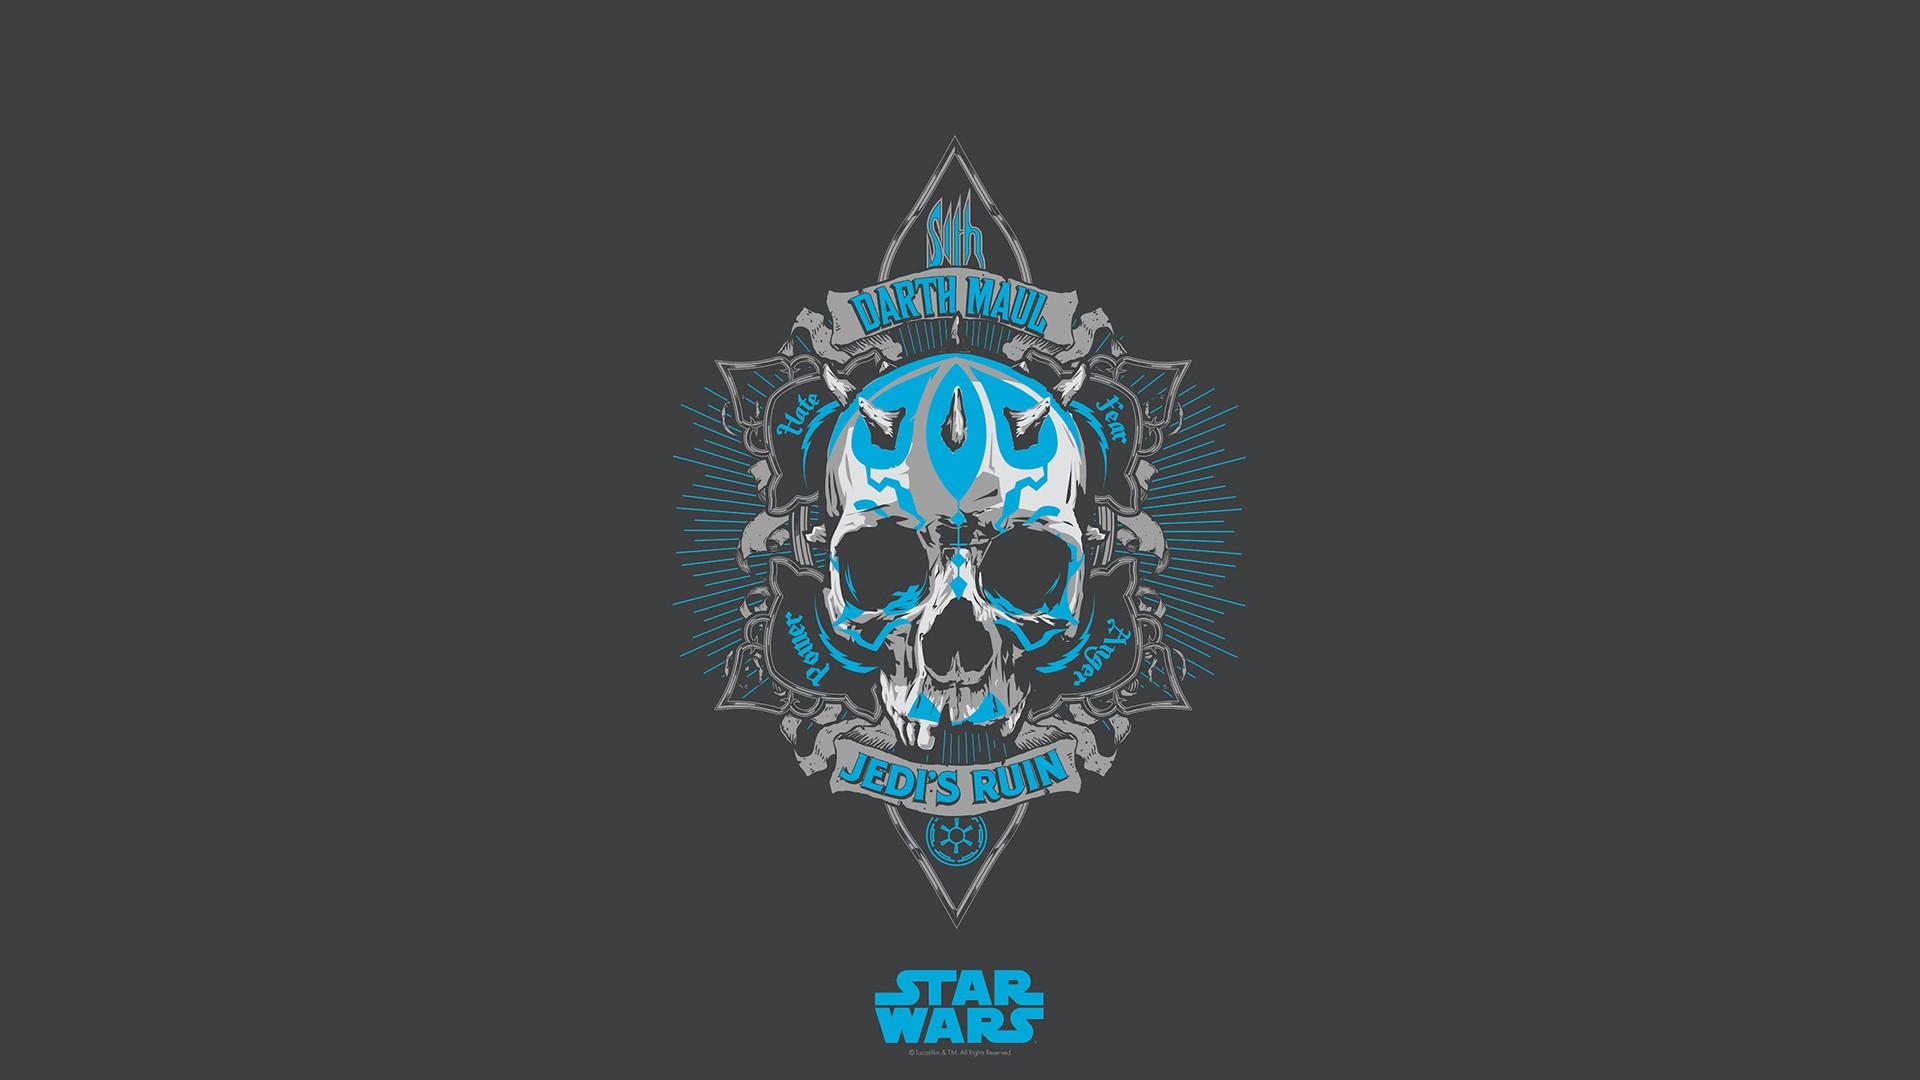 Star Wars Skull Darth Maul Wallpaper 1920x1080 136959